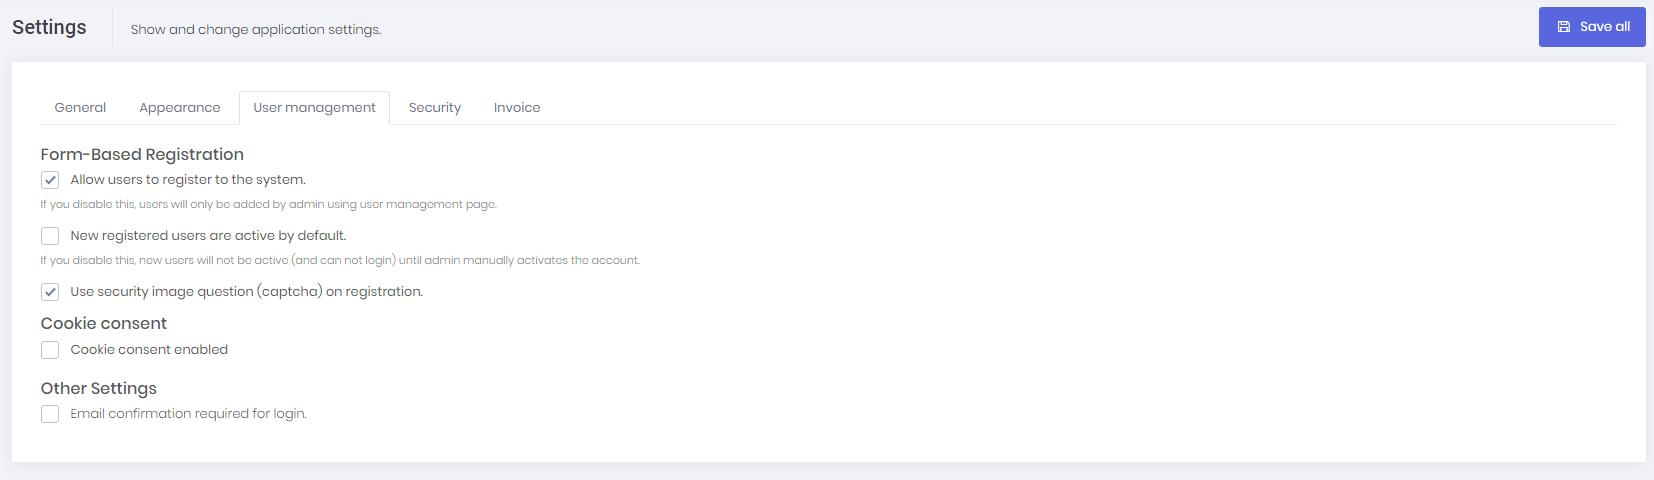 User management settings